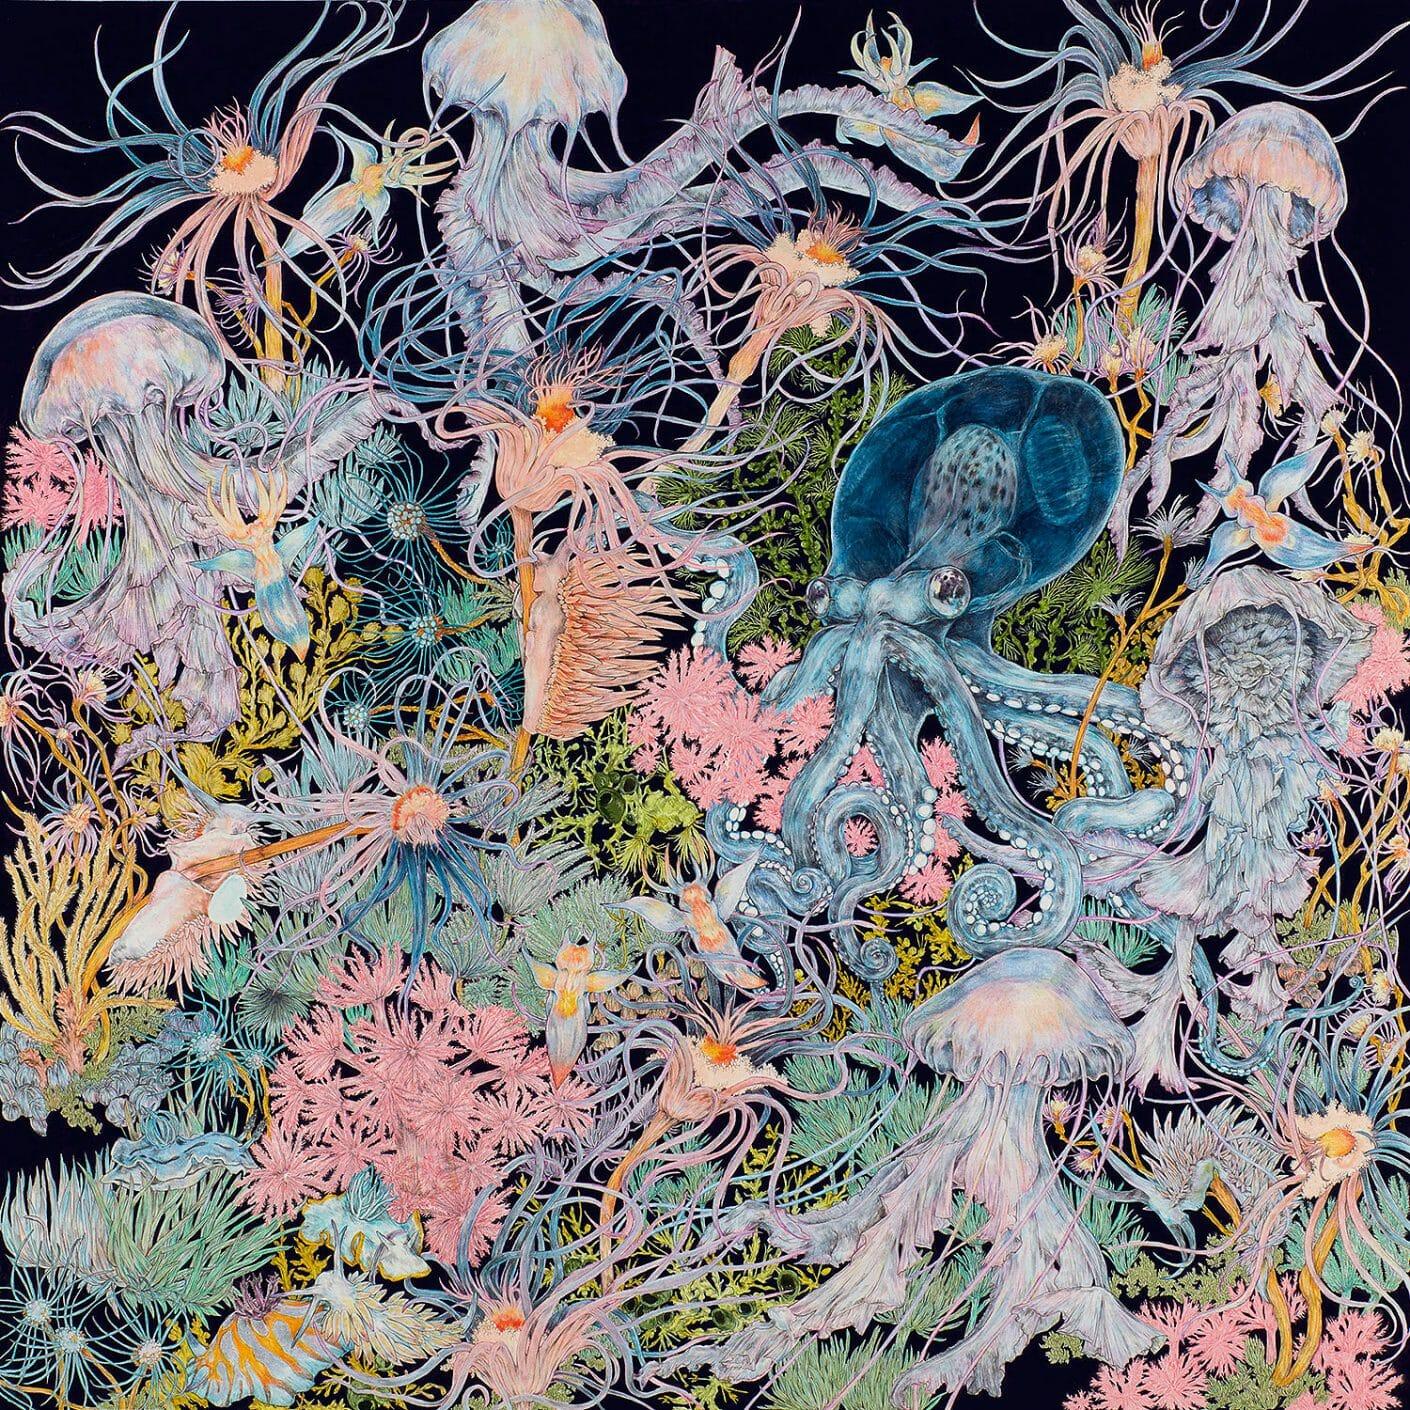 Anémones et coraux qui se mêlent aux tentacules et filaments de méduses, pieuvres et autres animaux marins